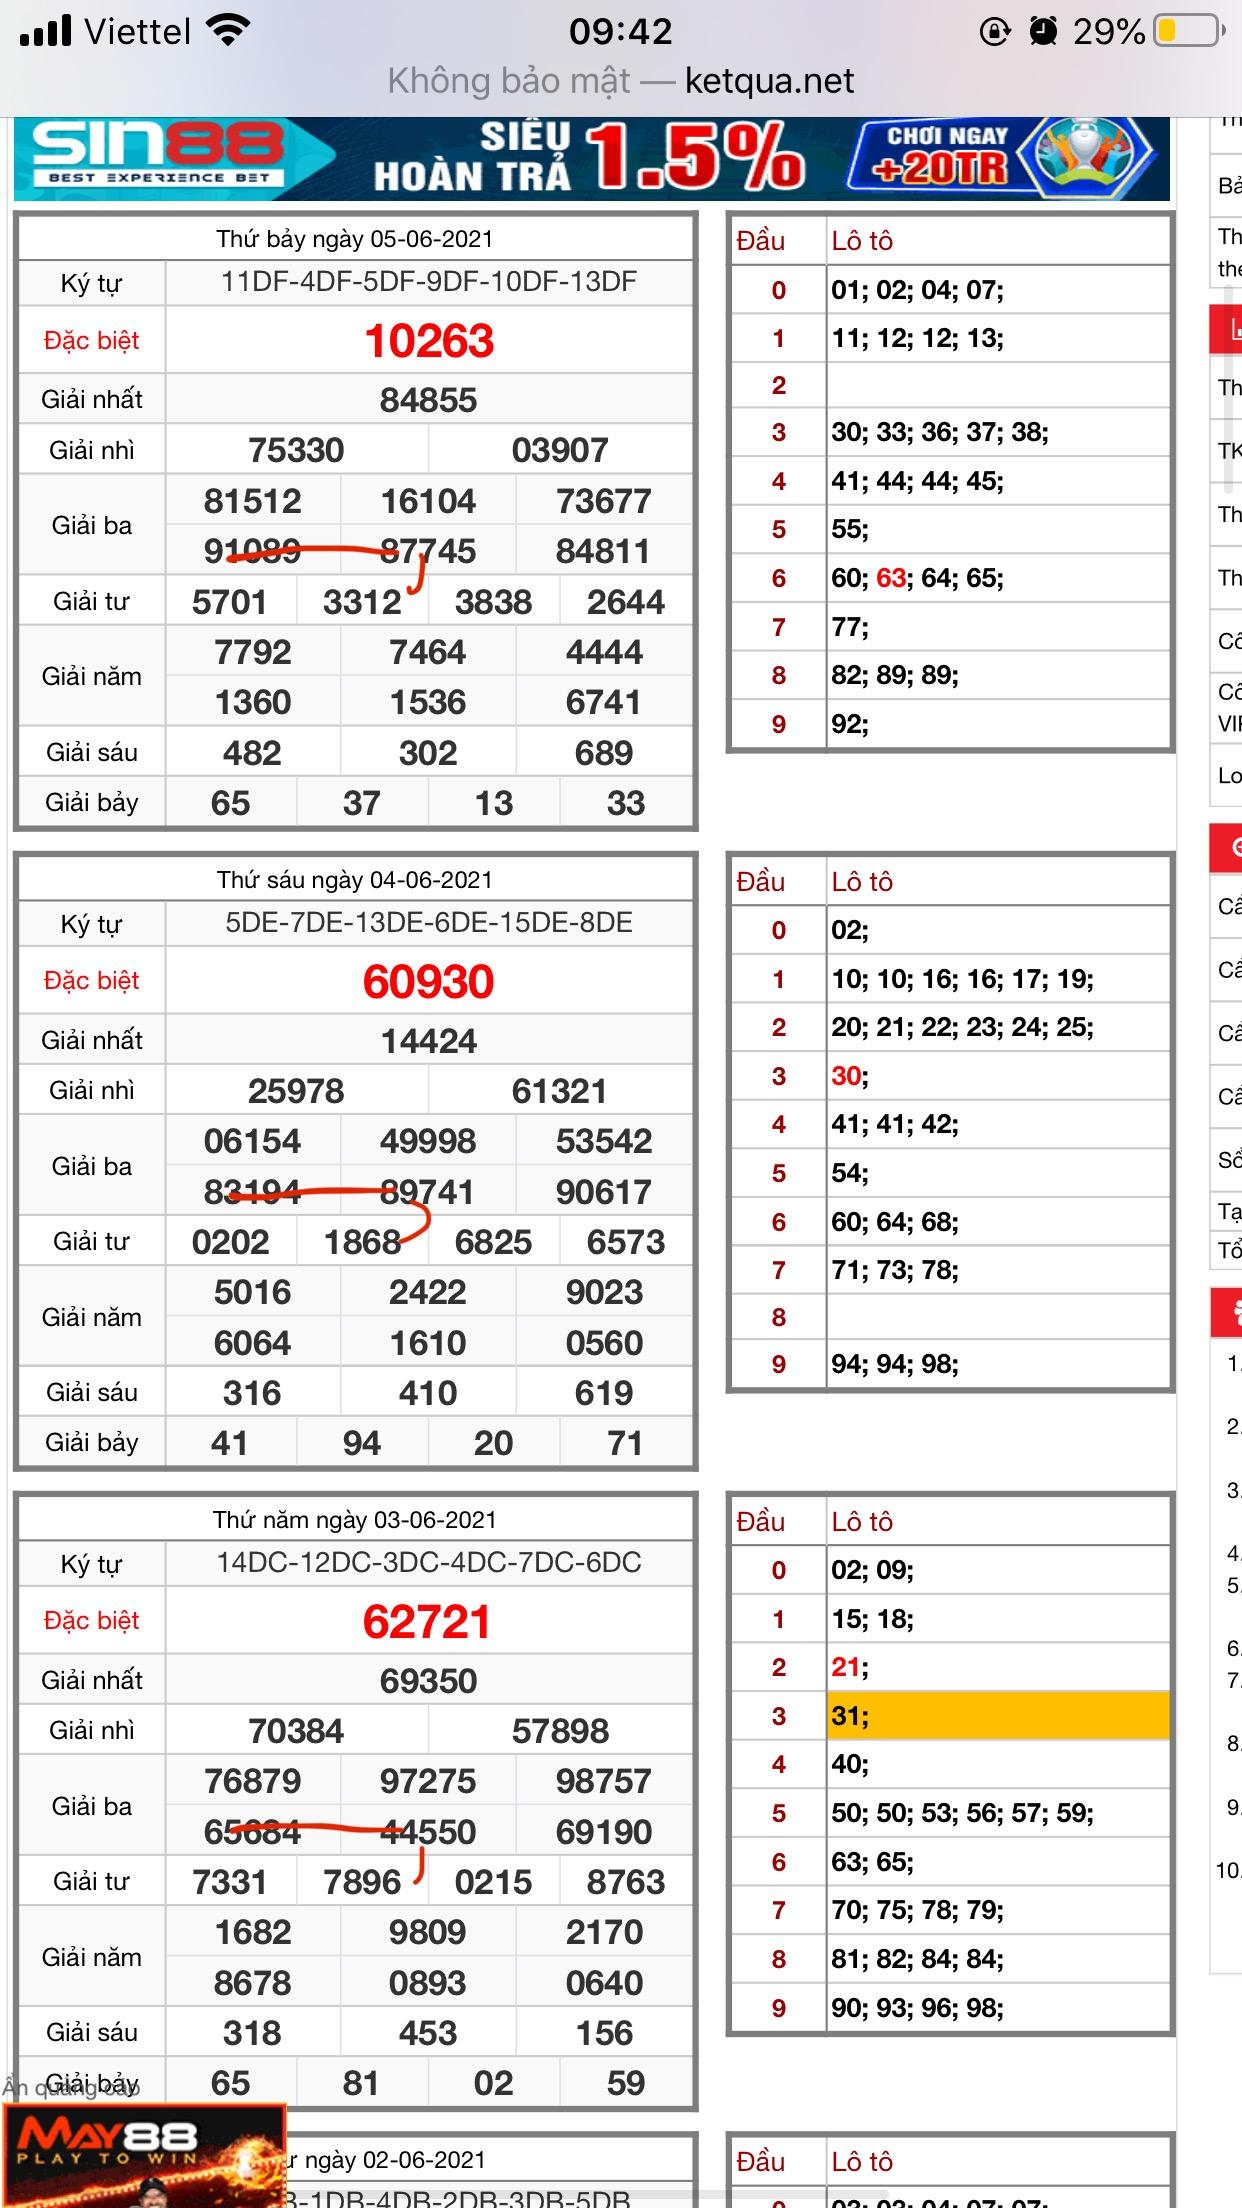 9F31DCA2-6124-4E3D-AAD0-F36124AAFDA6.jpeg